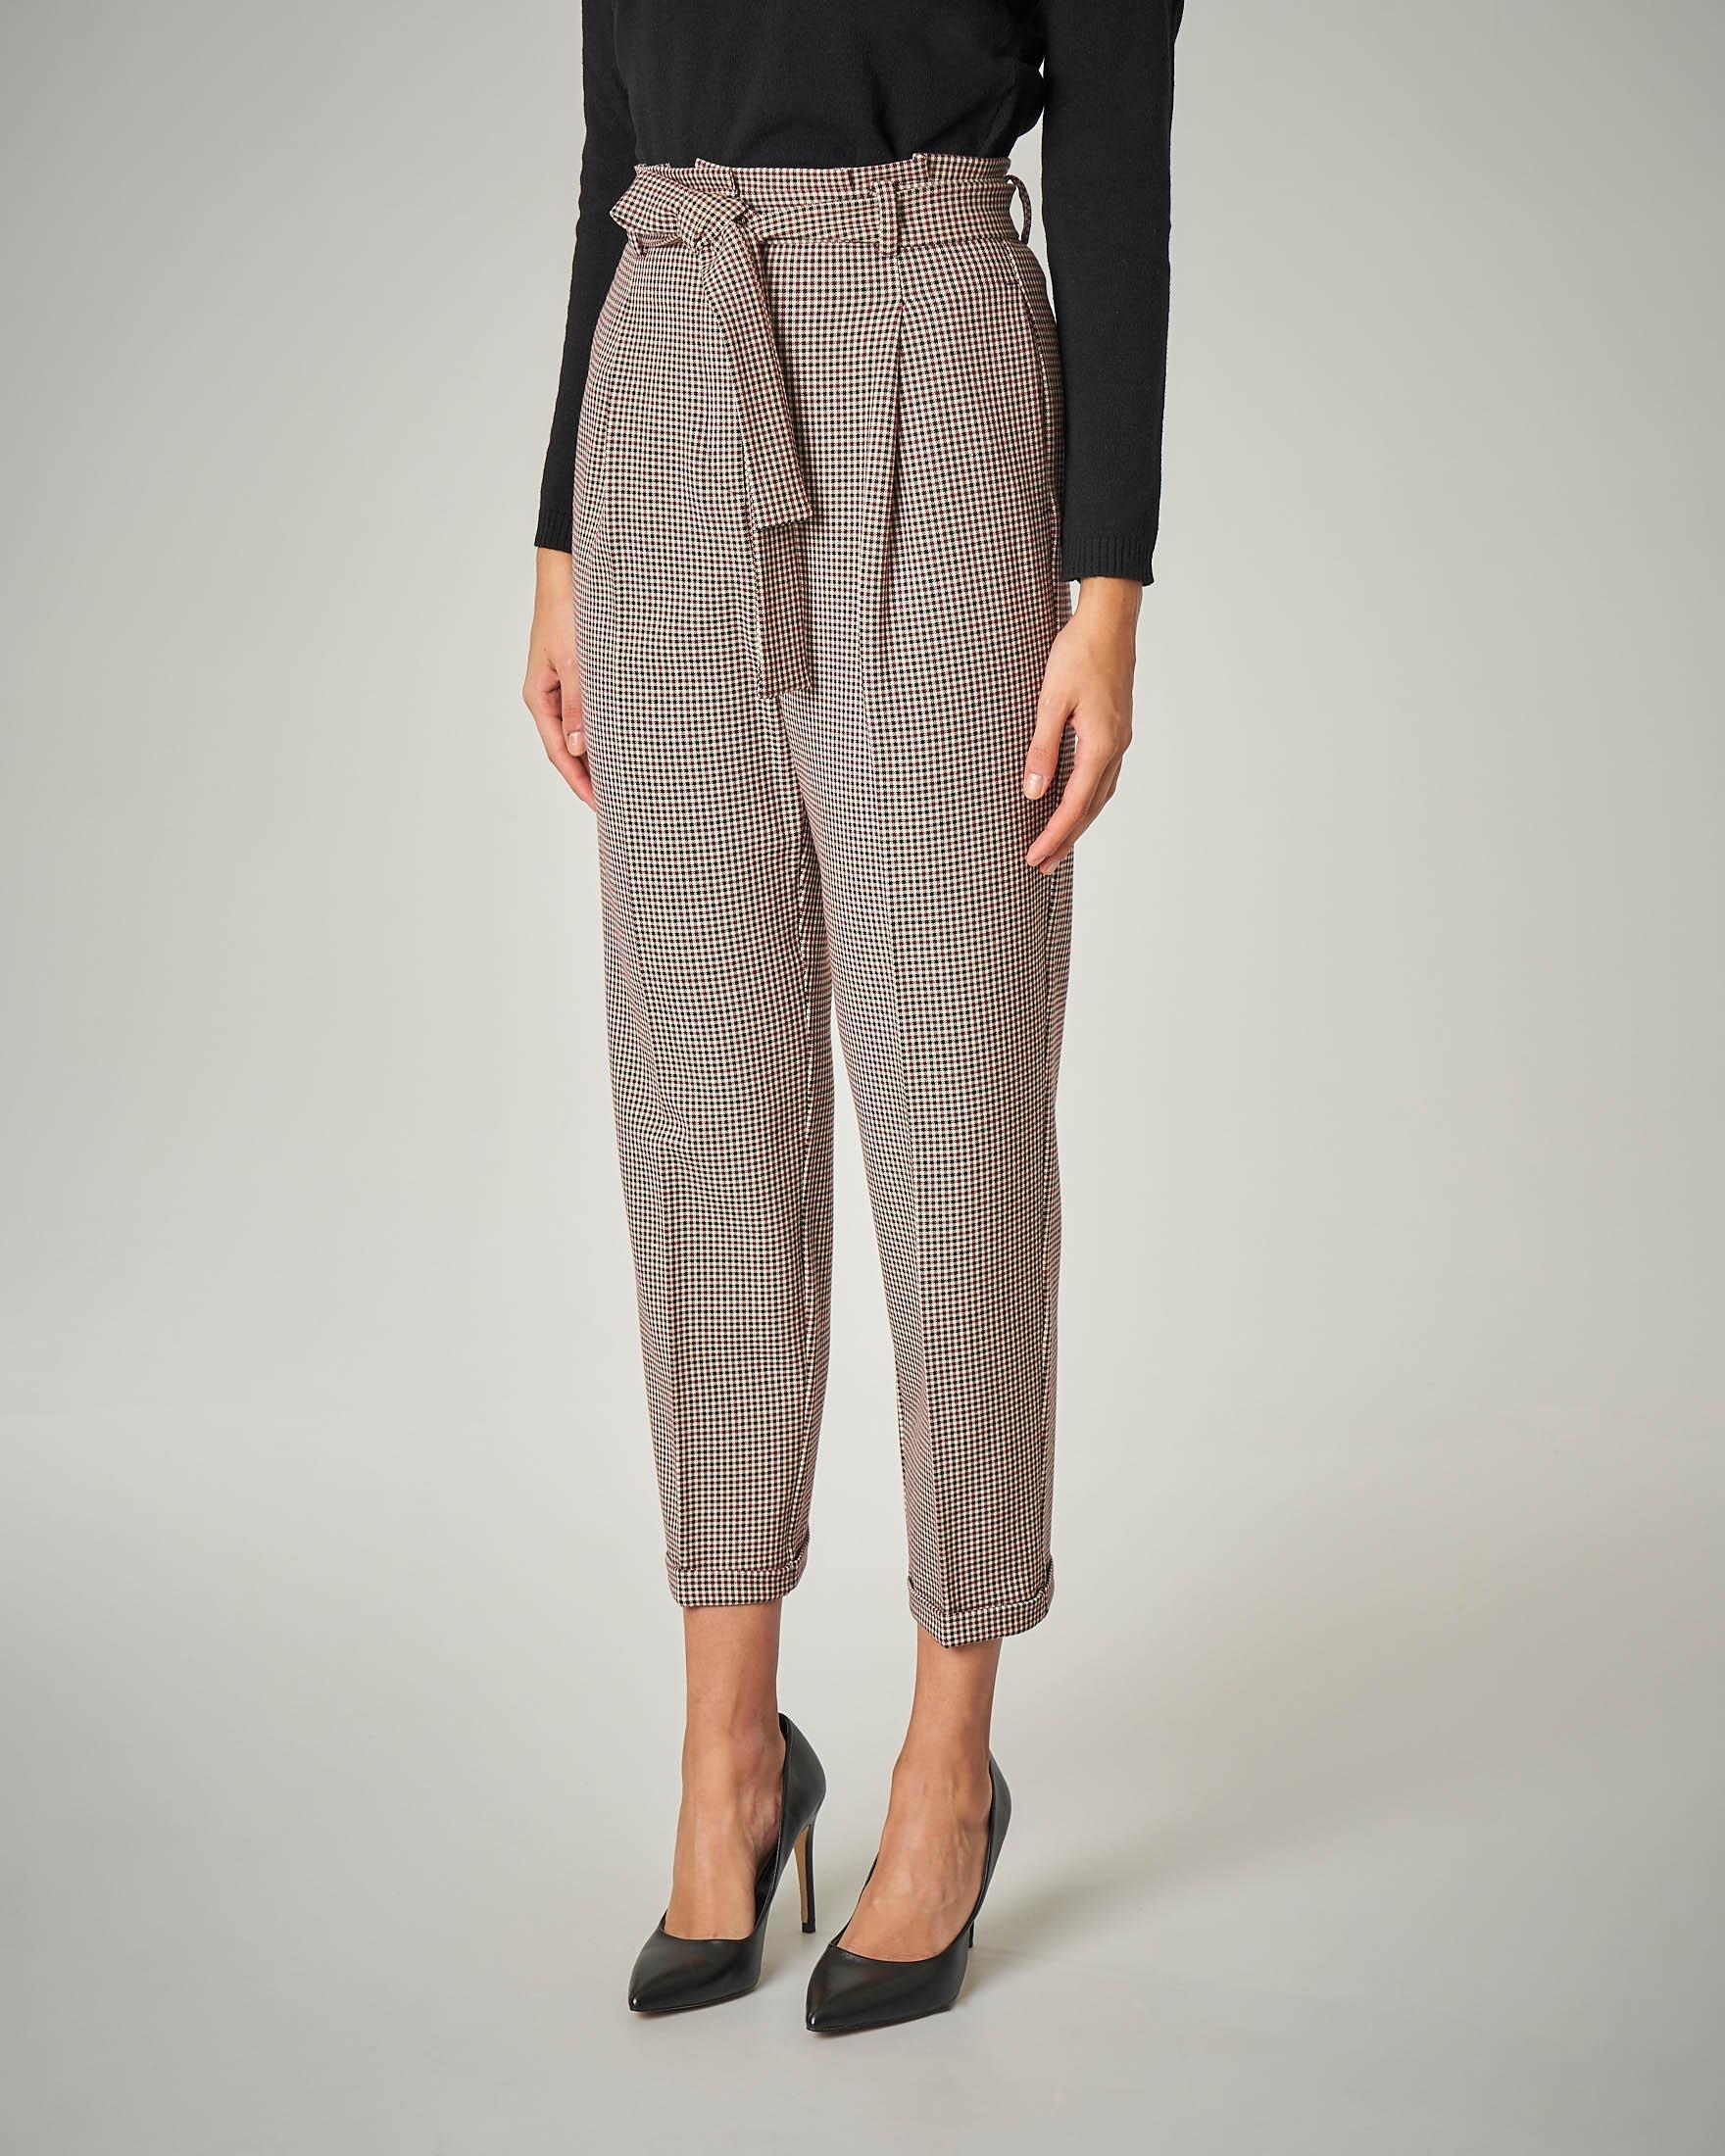 Pantaloni con pince fantasia micro quadretto bordeaux